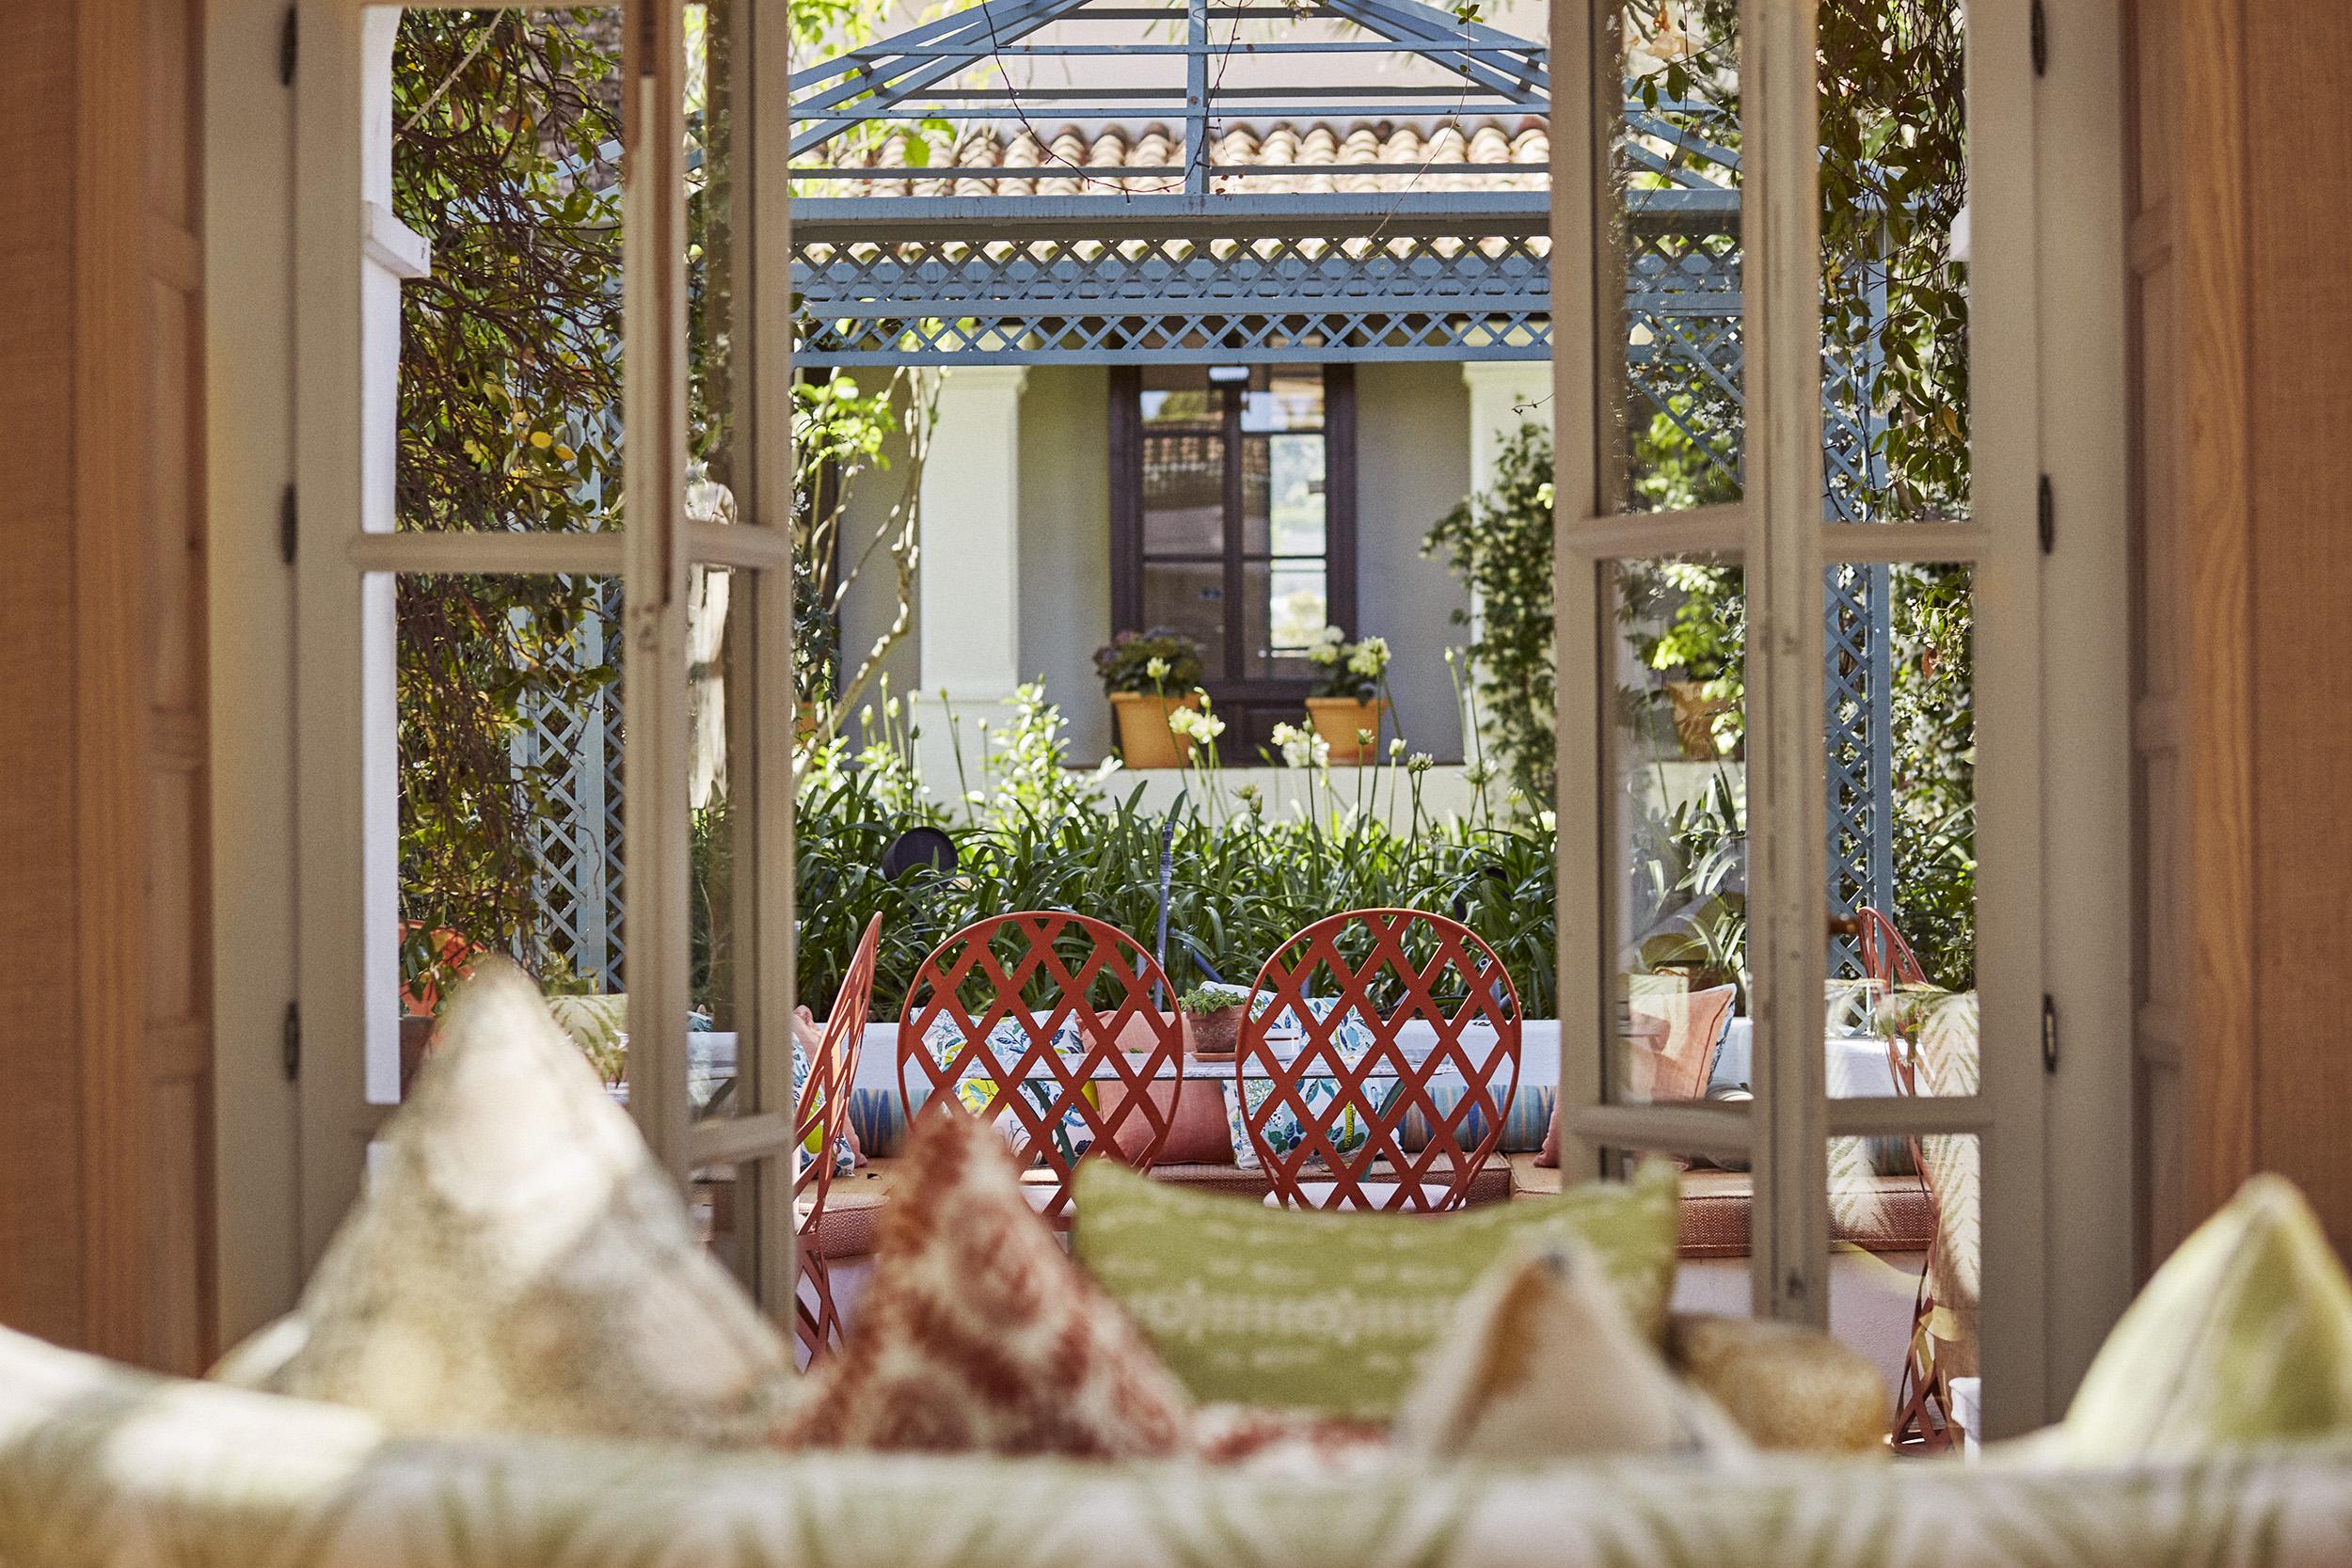 El Patio restaurant at the Marbella Club Hotel